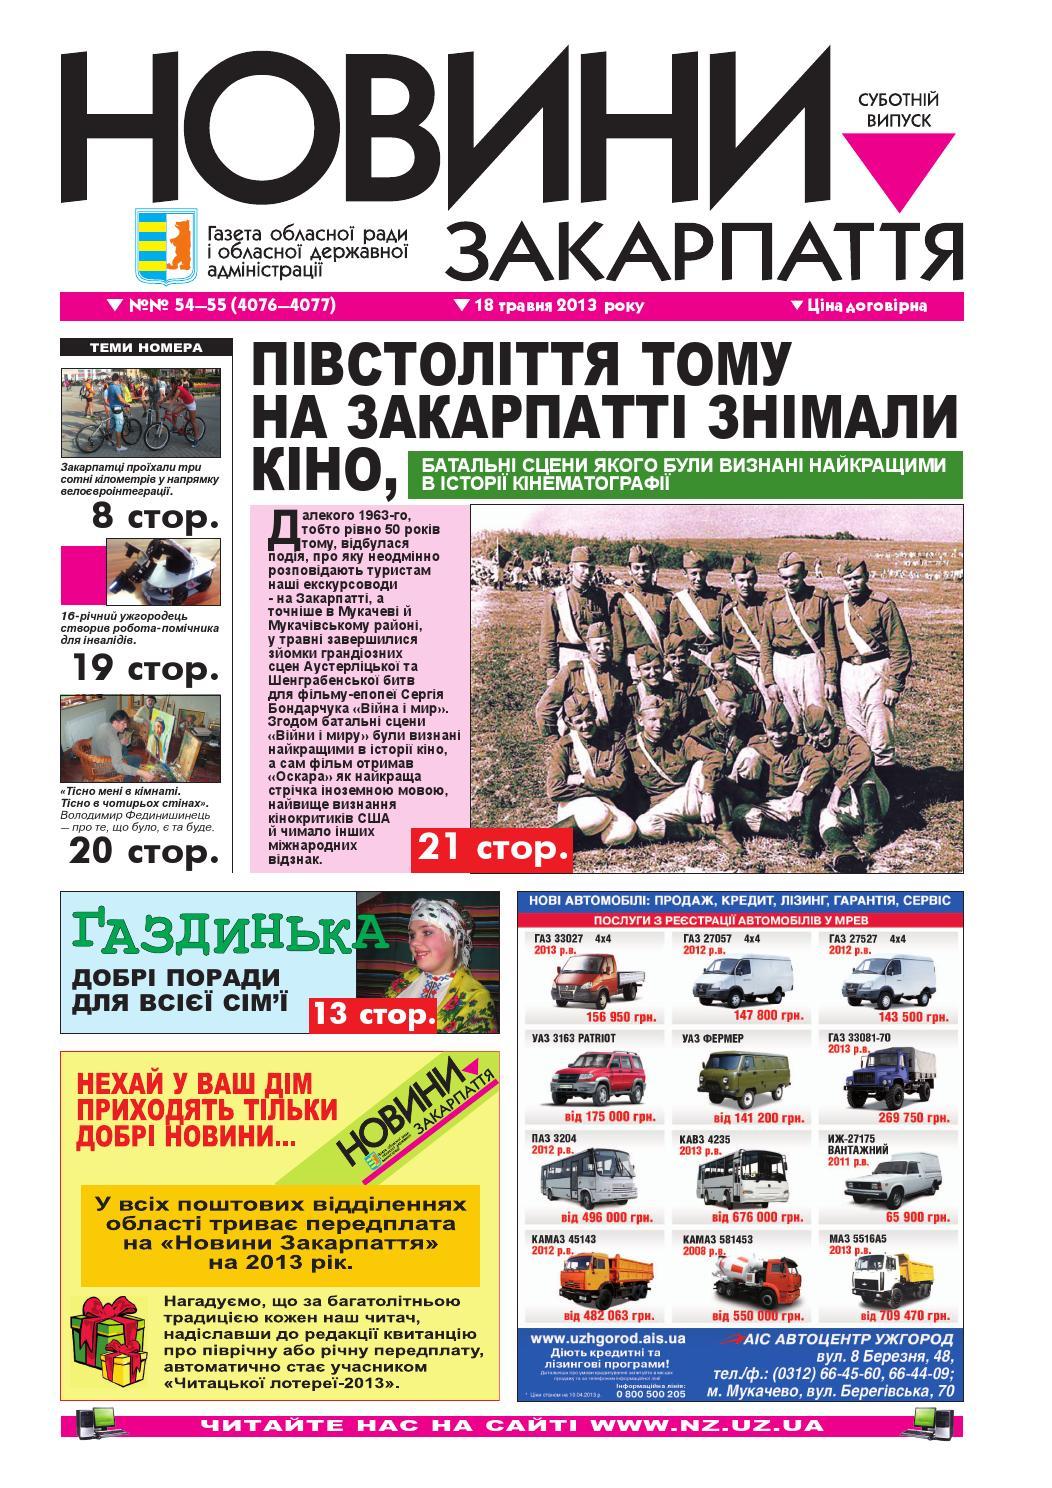 Novini 18 05 2013 №№ 54-55 (4076-4077) by Новини Закарпаття - issuu 35bf953e21499